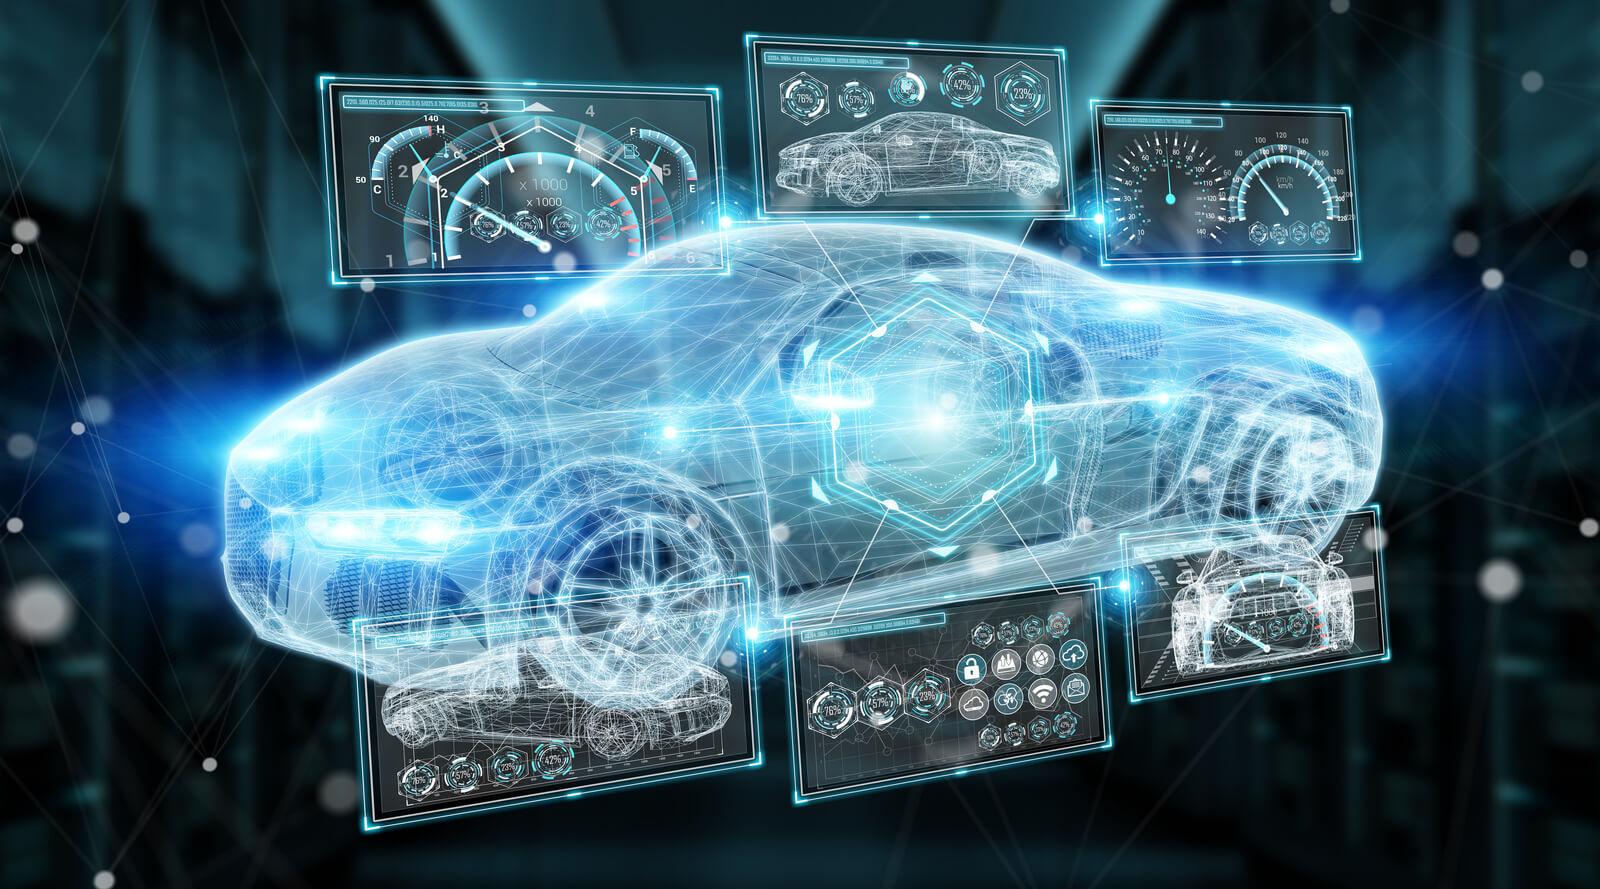 汽车中哪些部件经过泄漏测试?